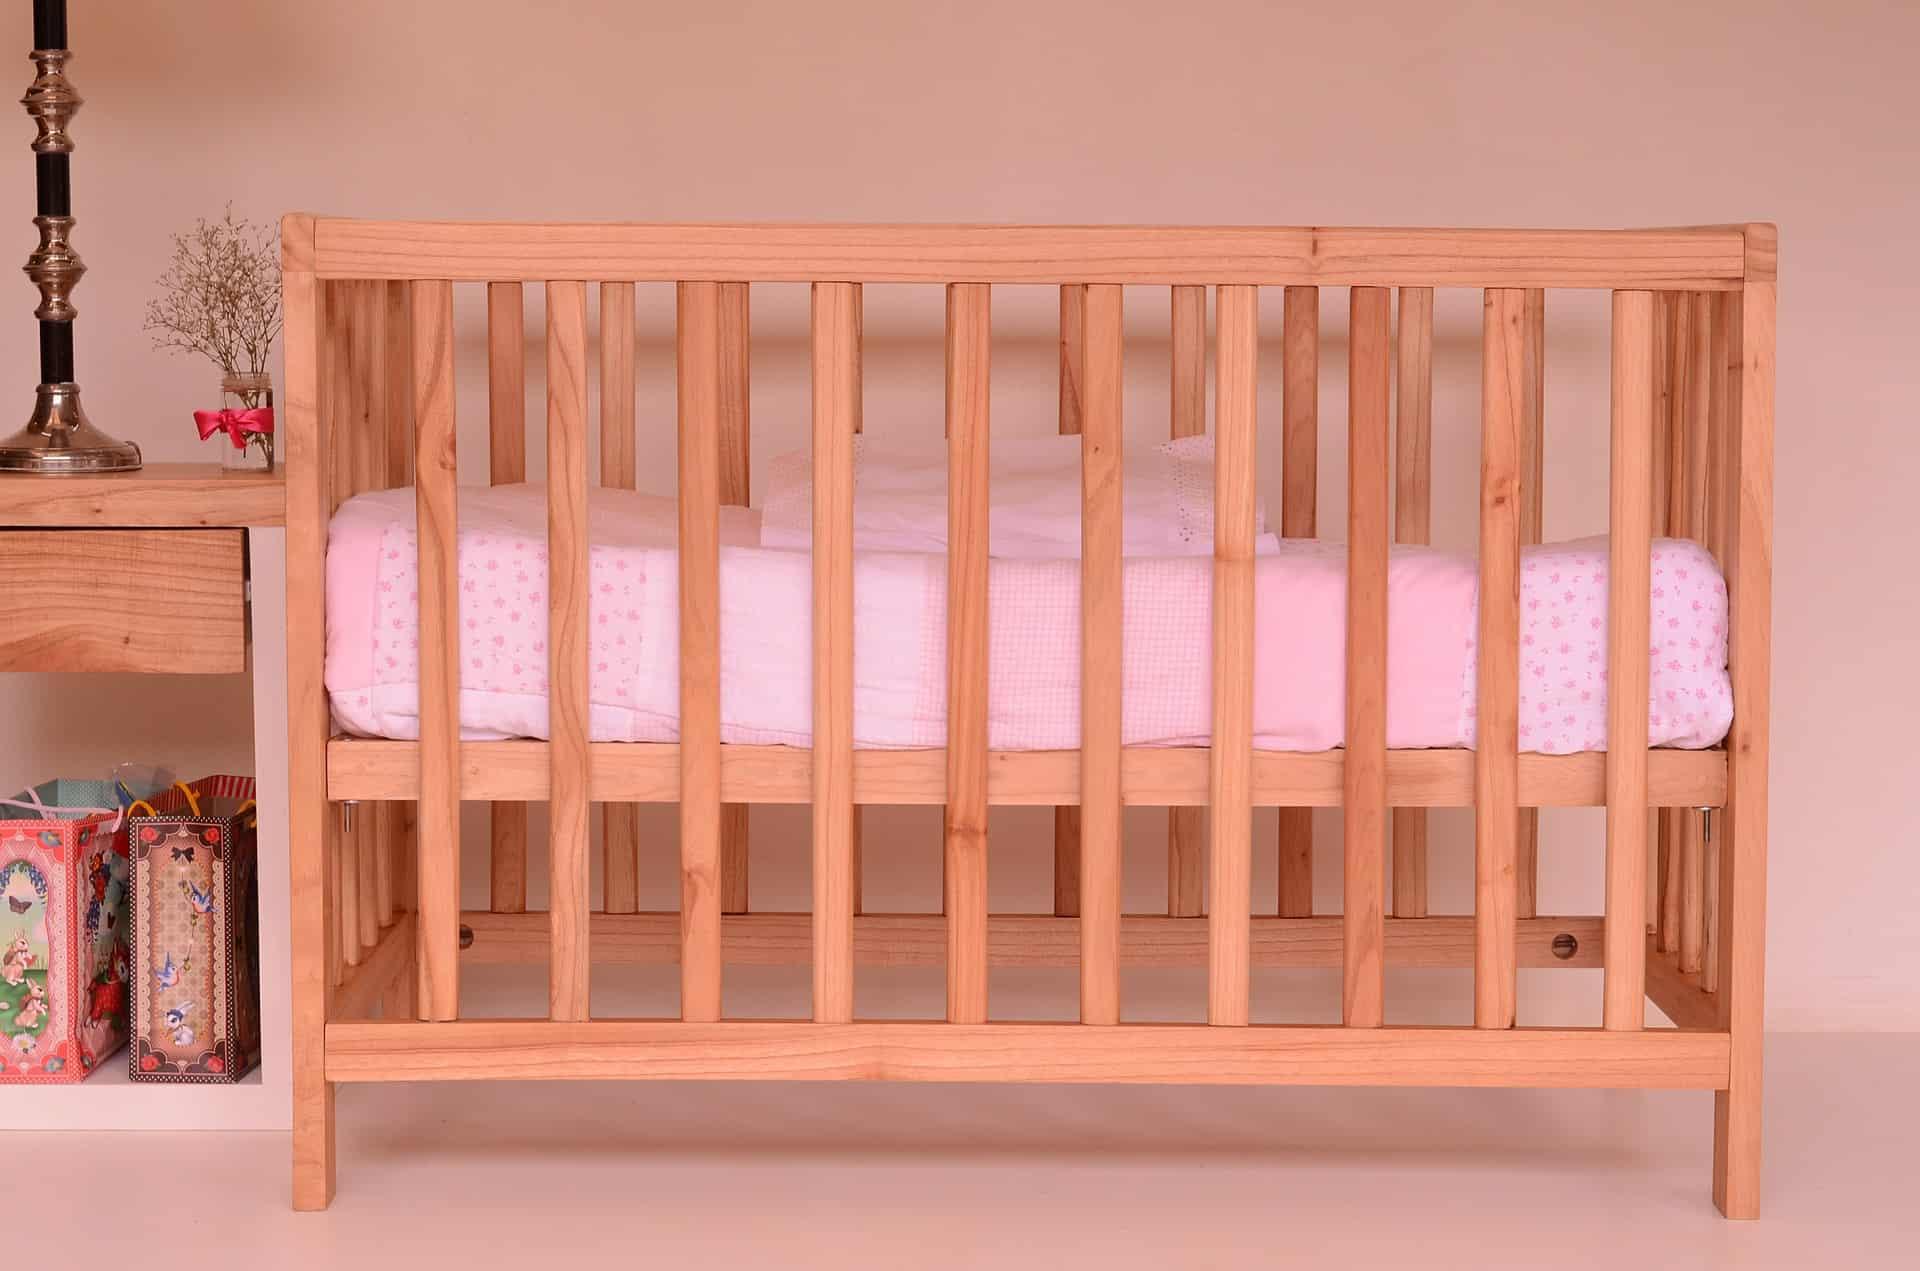 Rausfallschutz Kinderbett: Test & Empfehlungen (10/20)